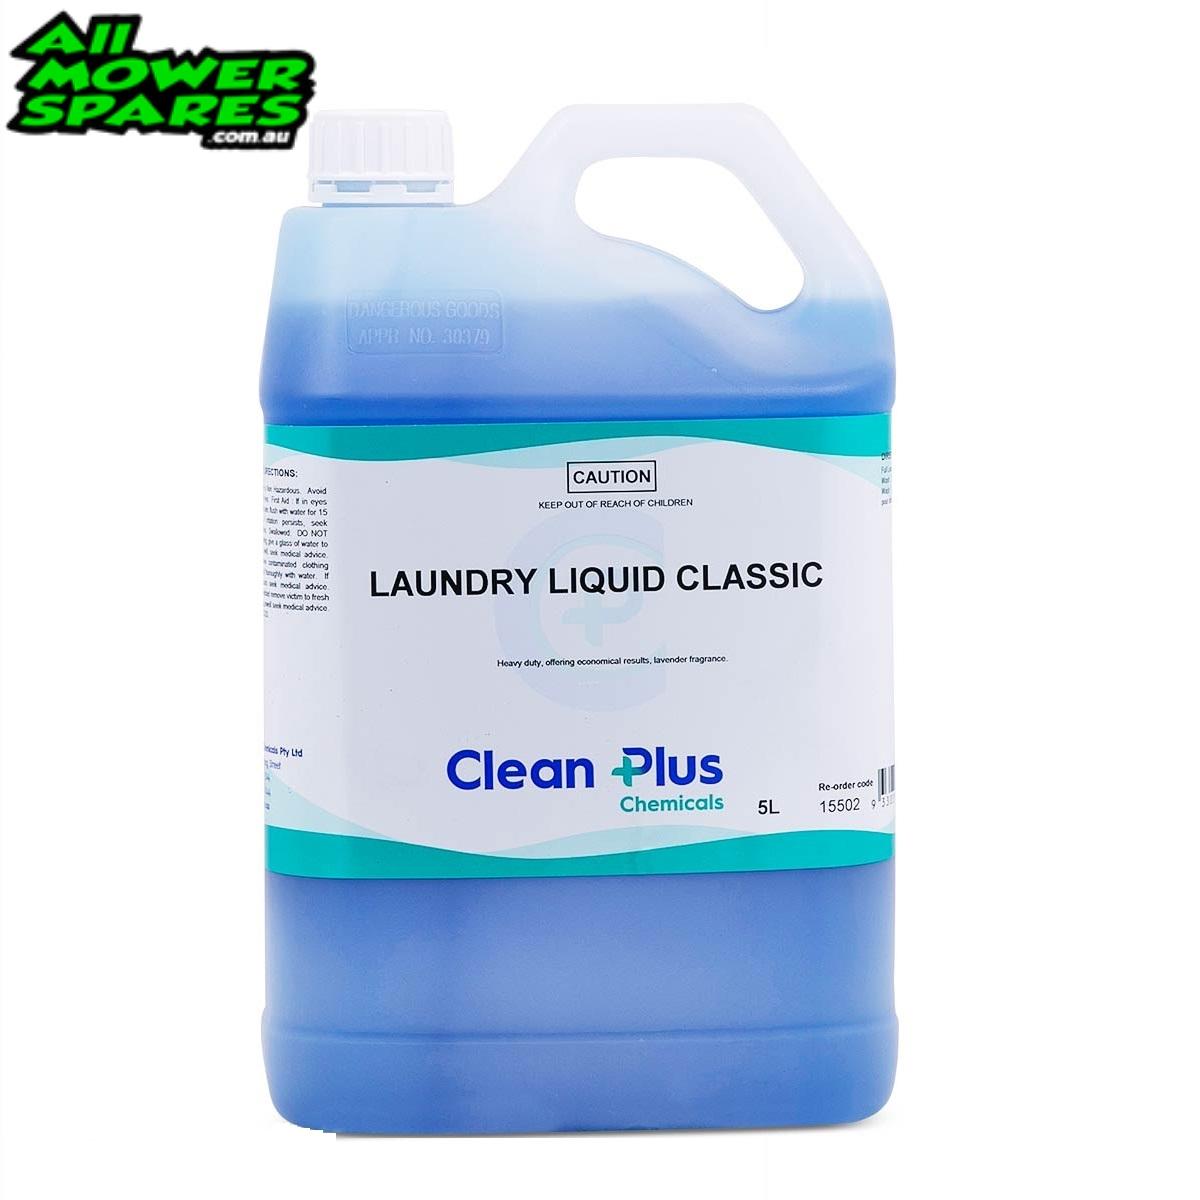 Clean Plus Laundry Liquids